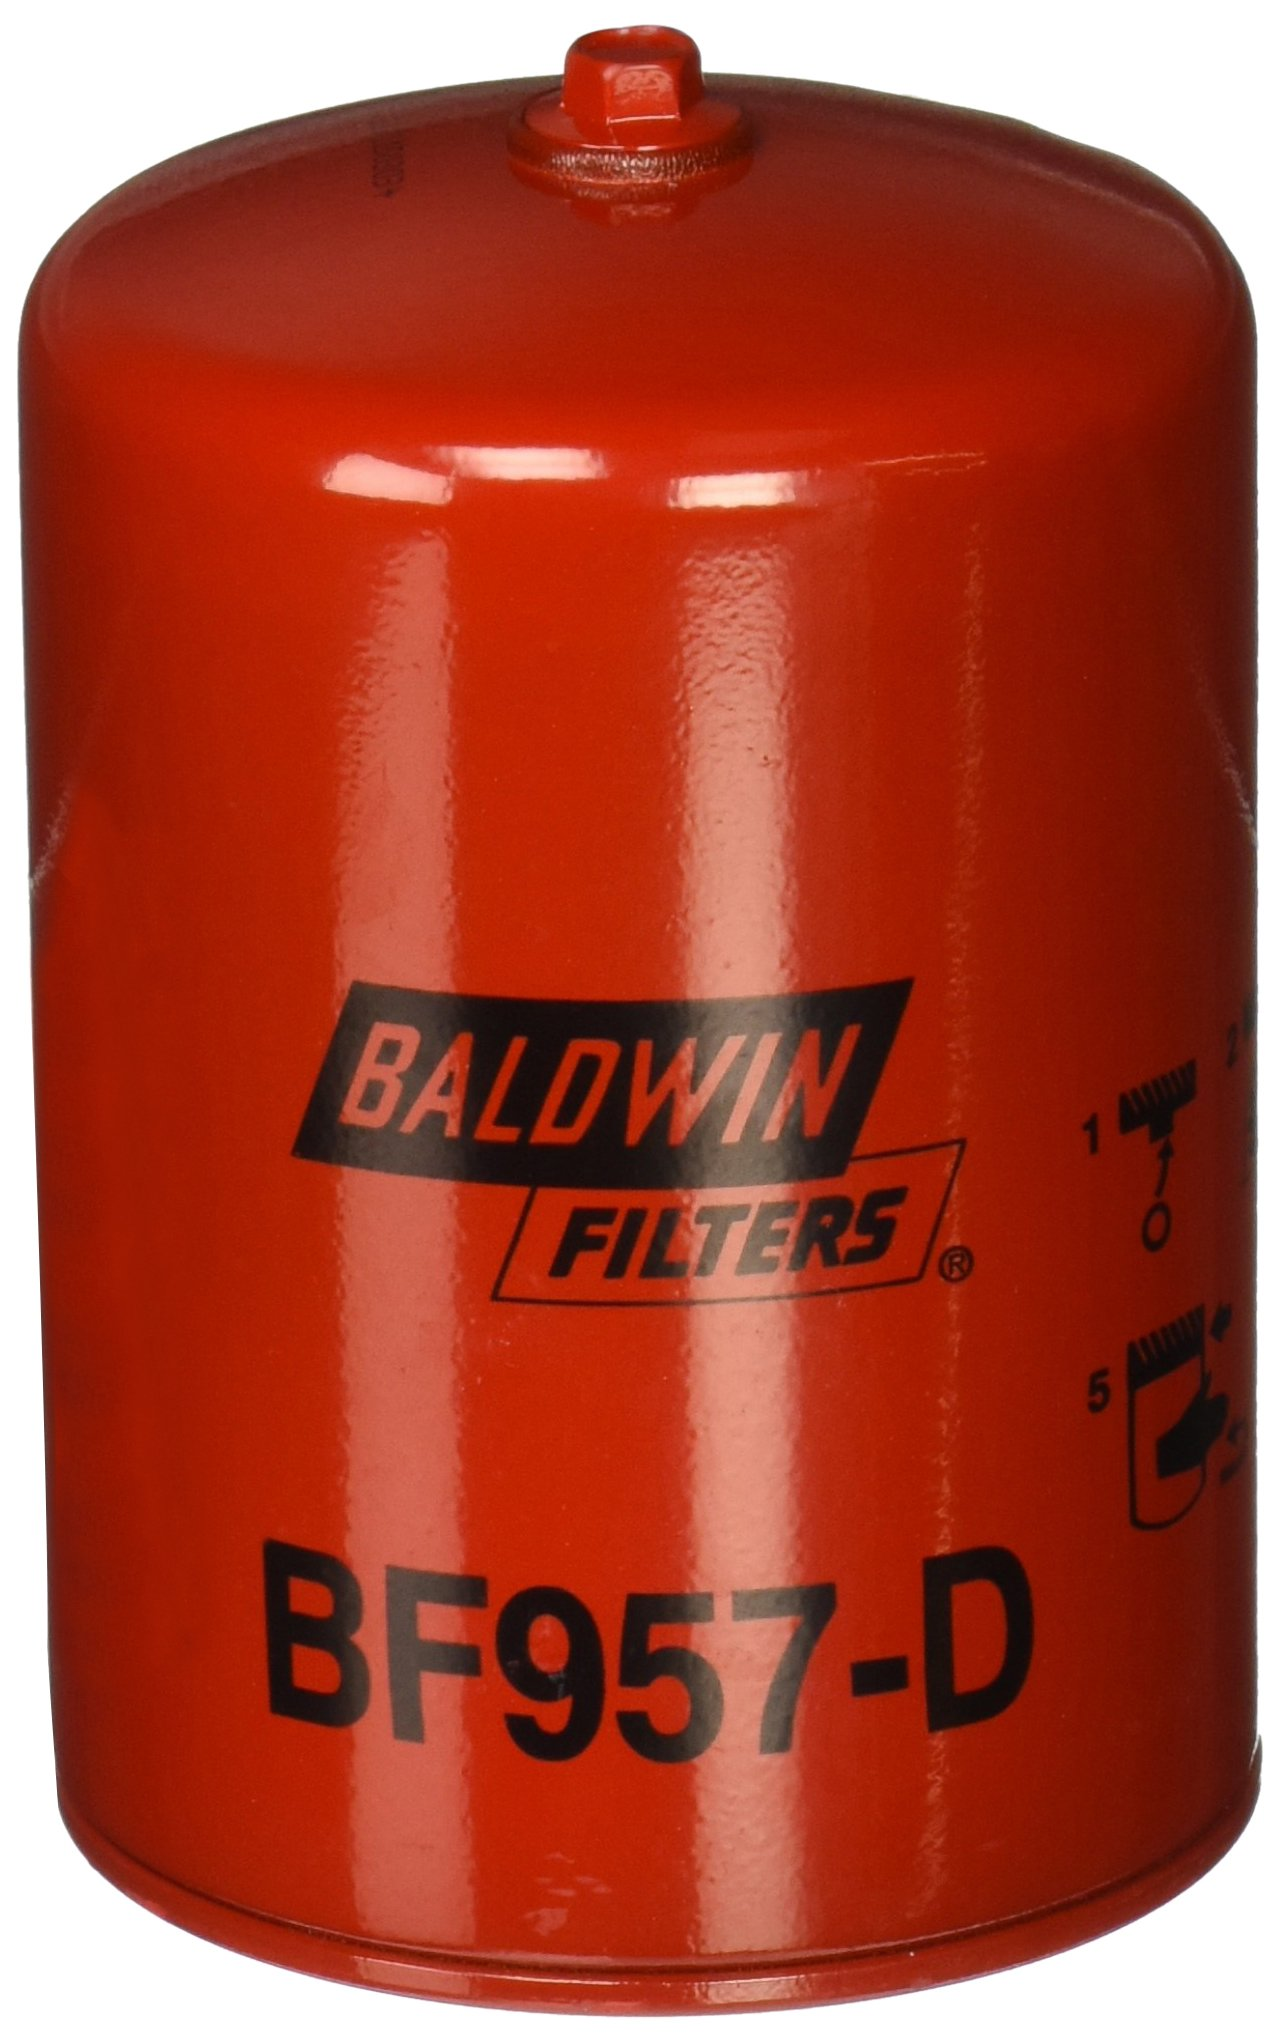 Baldwin Heavy Duty BF957-D Fuel Filter,5-7/16 x 3-11/16 x 5-7/16 In